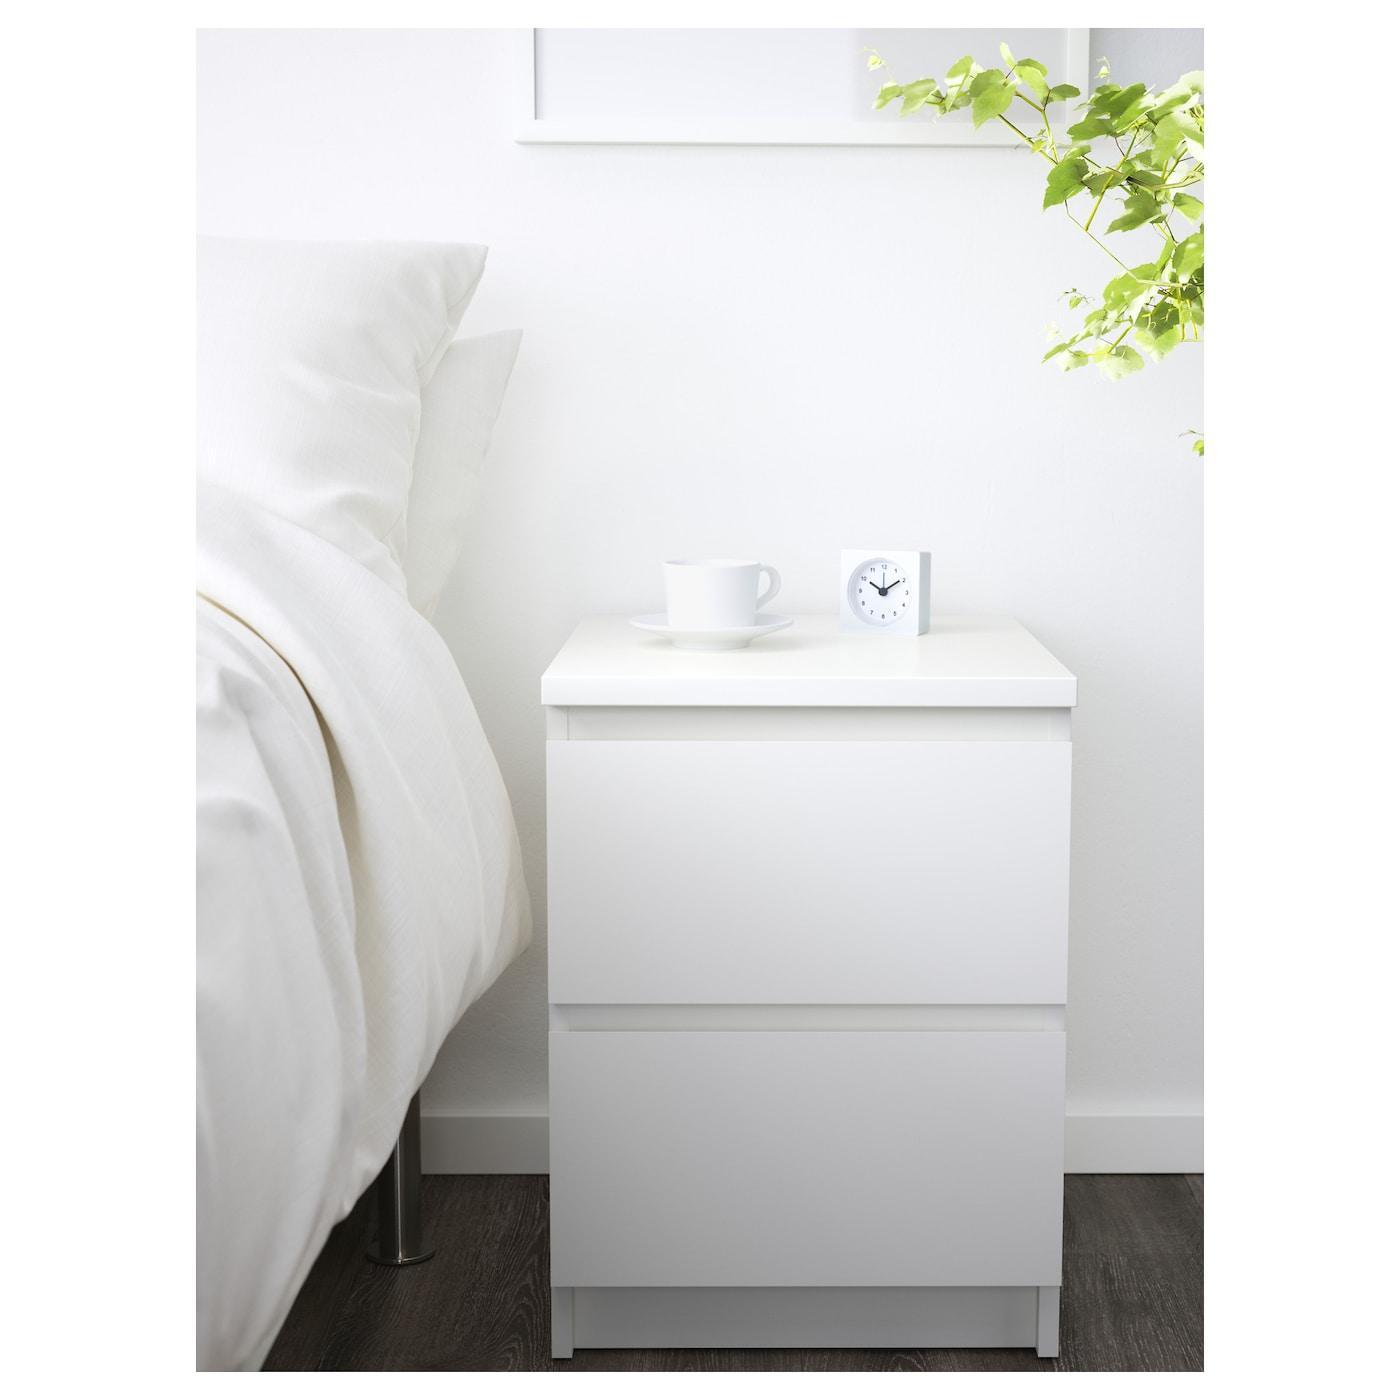 Ikea Malm Kommode Weiß 4 Schubladen